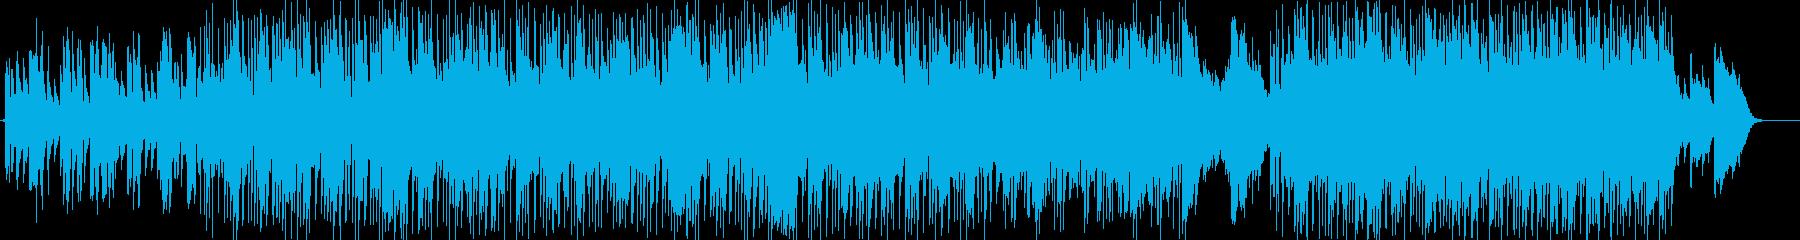 ビートルズやジェットやオアシスなど...の再生済みの波形